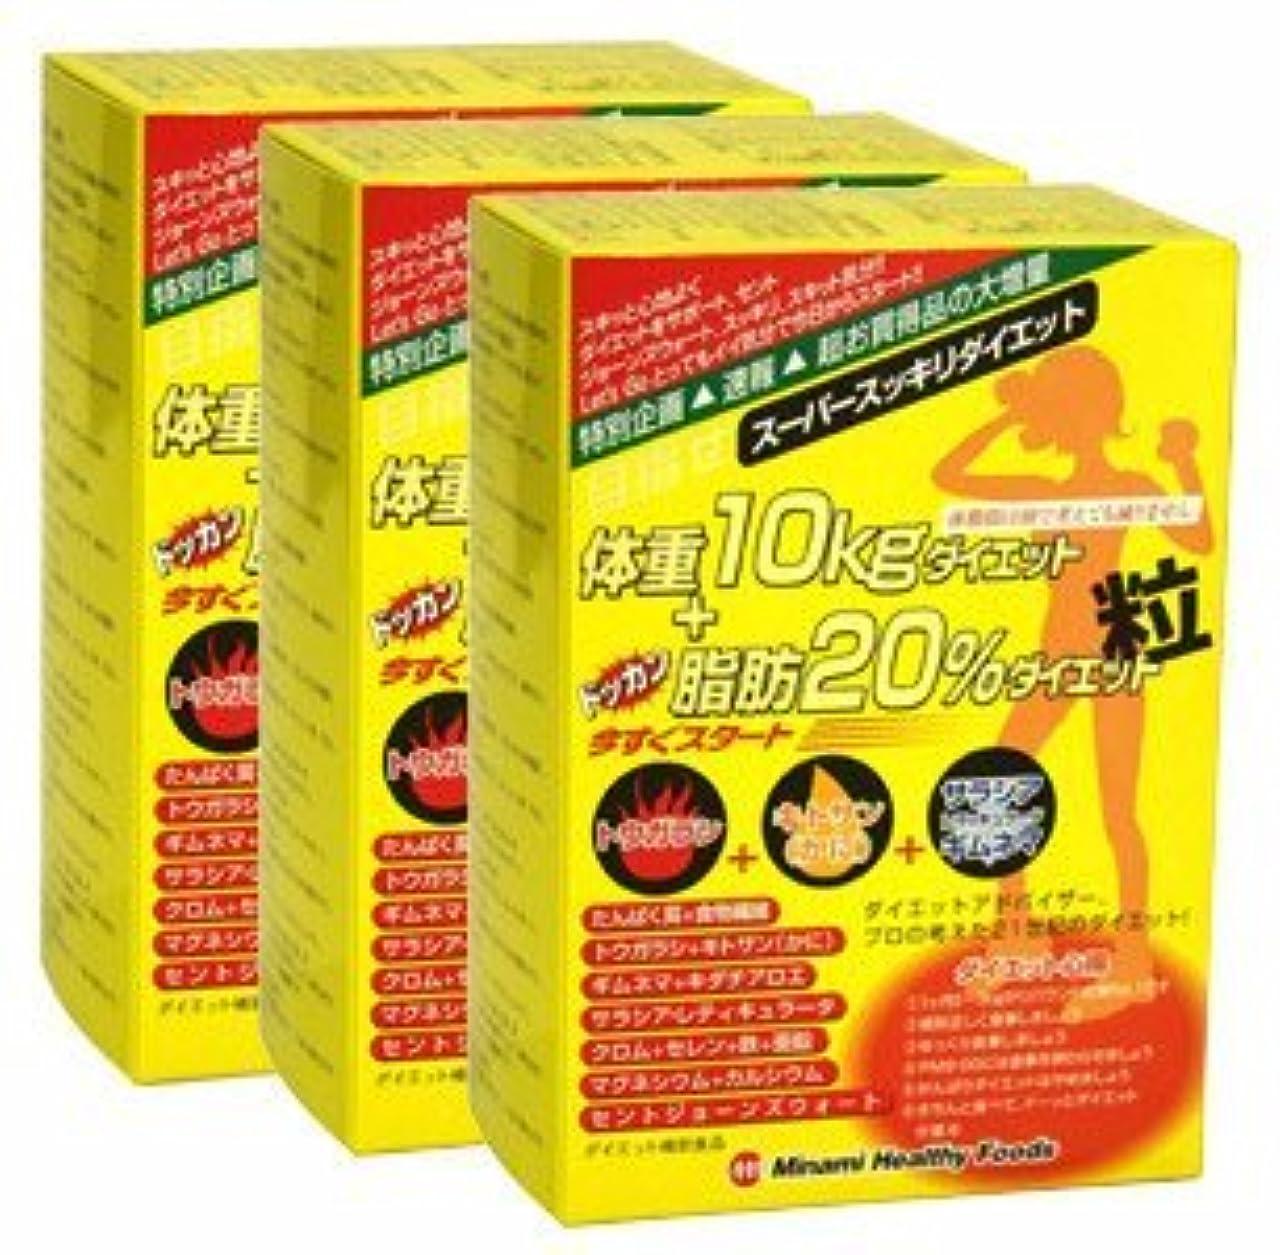 隠土器サポート目指せ体重10kg+ドッカン脂肪20%ダイエット粒【3箱セット】ミナミヘルシーフーズ